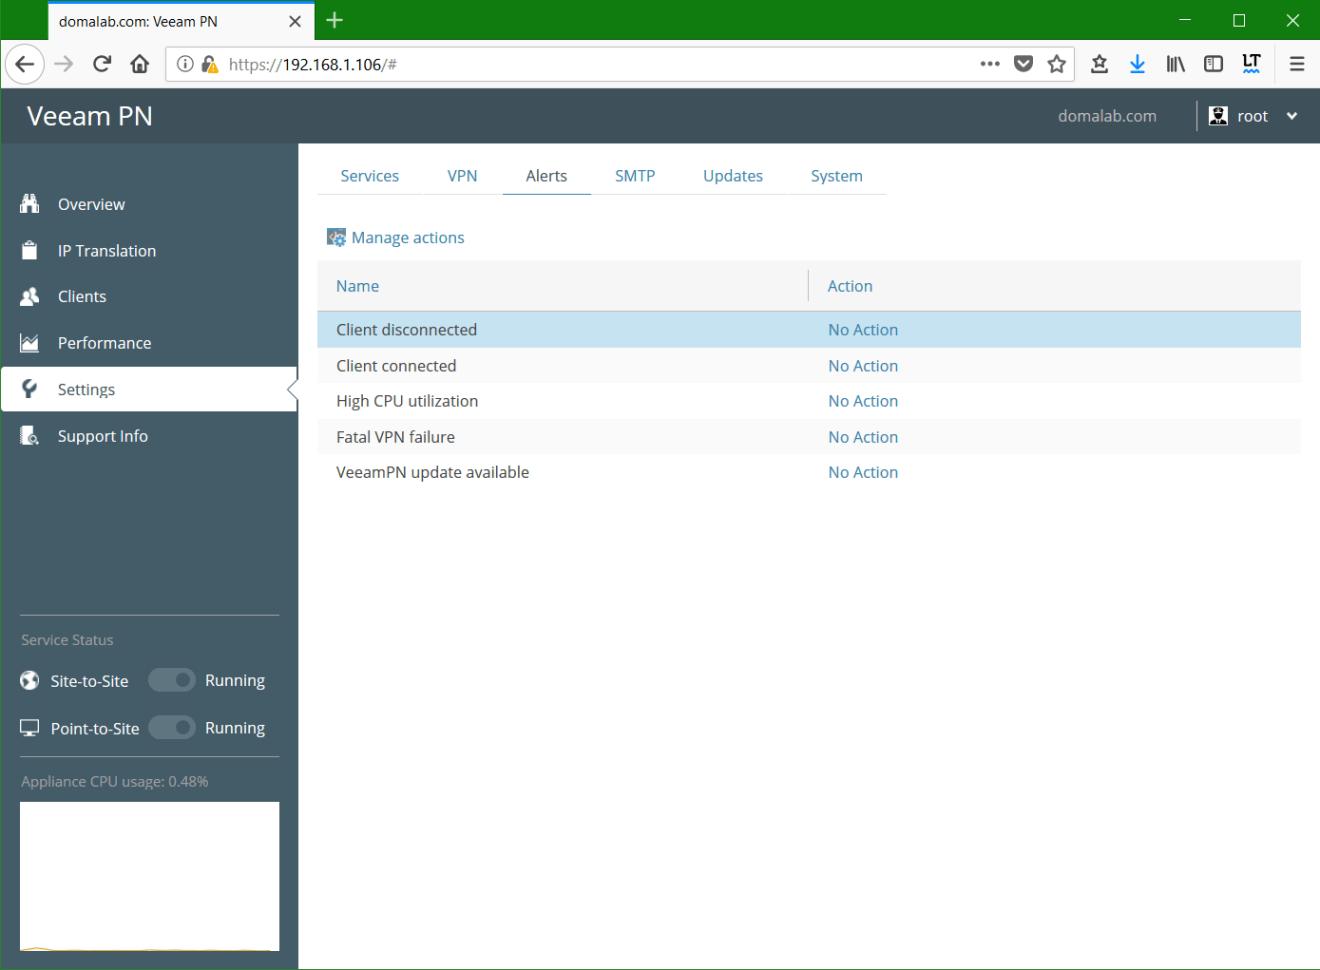 domalab.com Veeam PN alerts